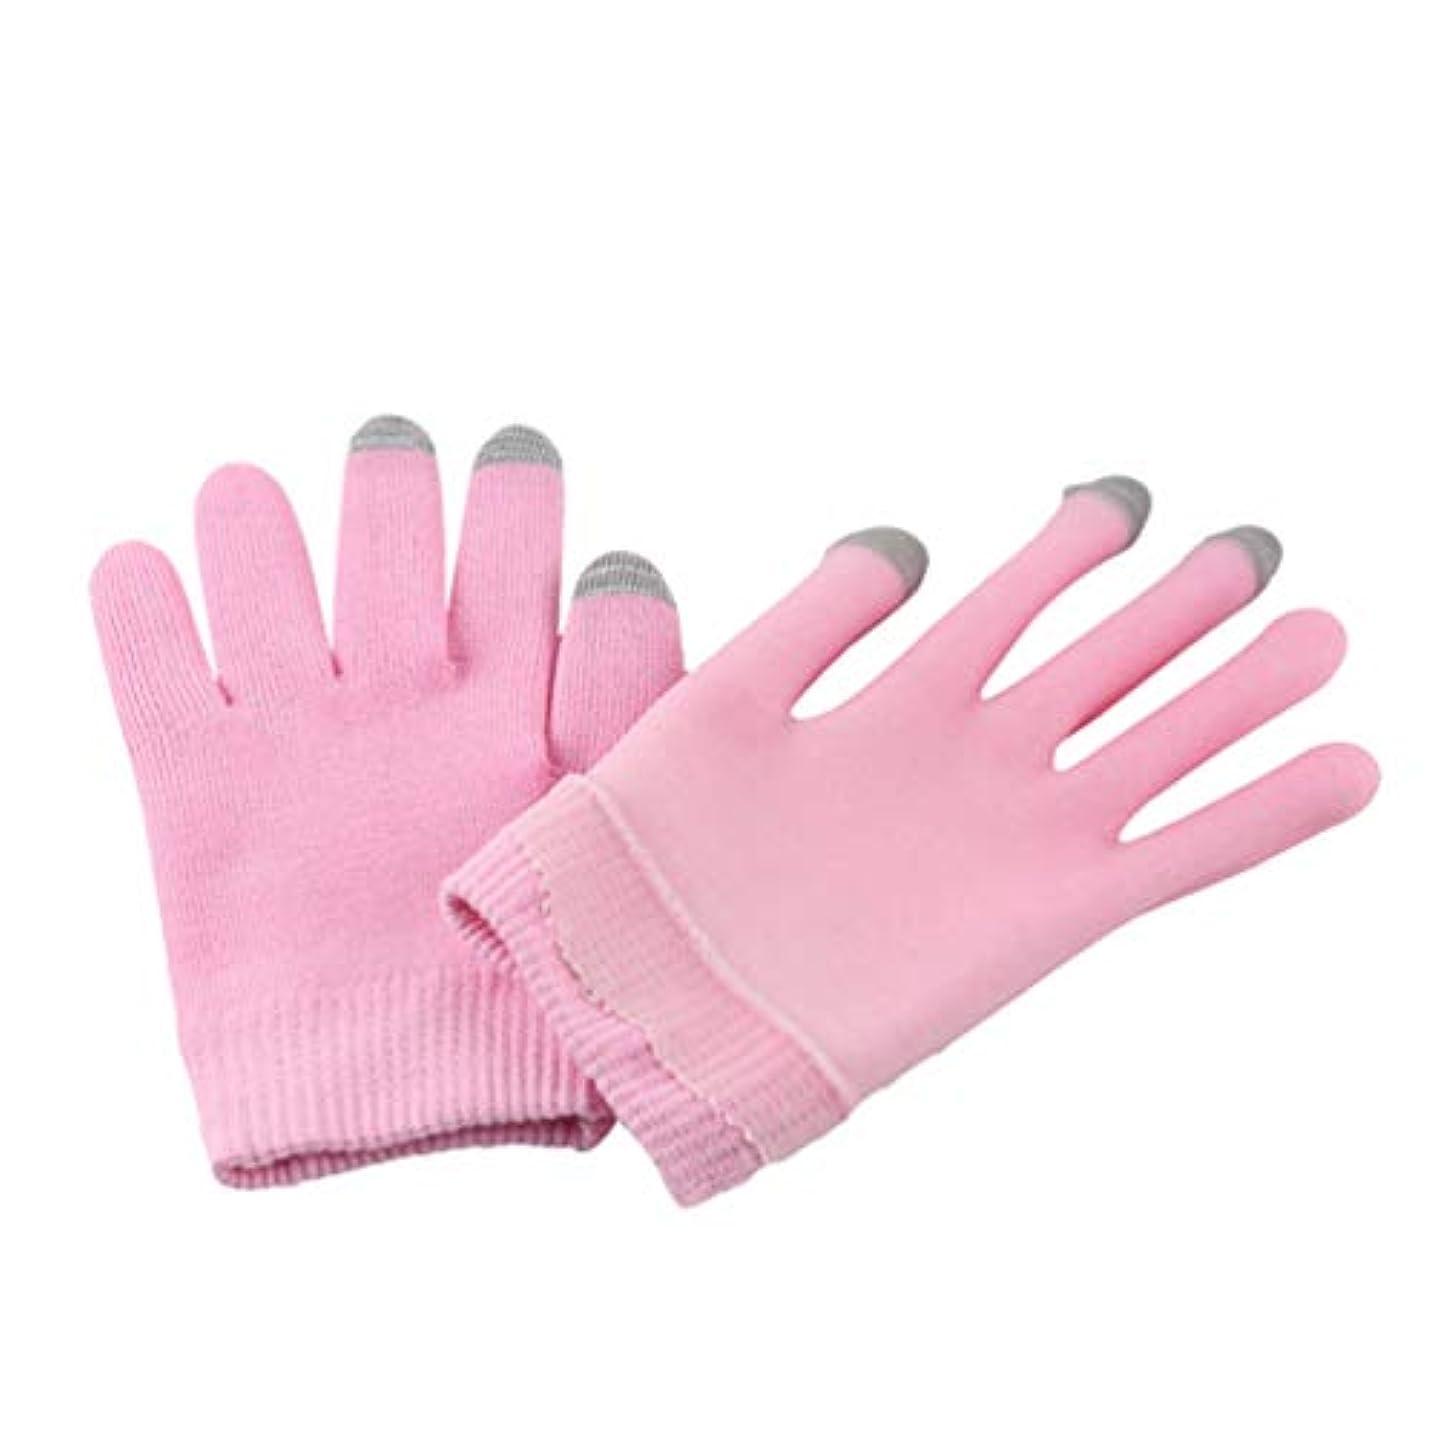 冬鈍い出身地HEALLILY 女性のためのタッチスクリーンの手袋の冬の暖かいテキストメッセージの指のtelefingersの手袋